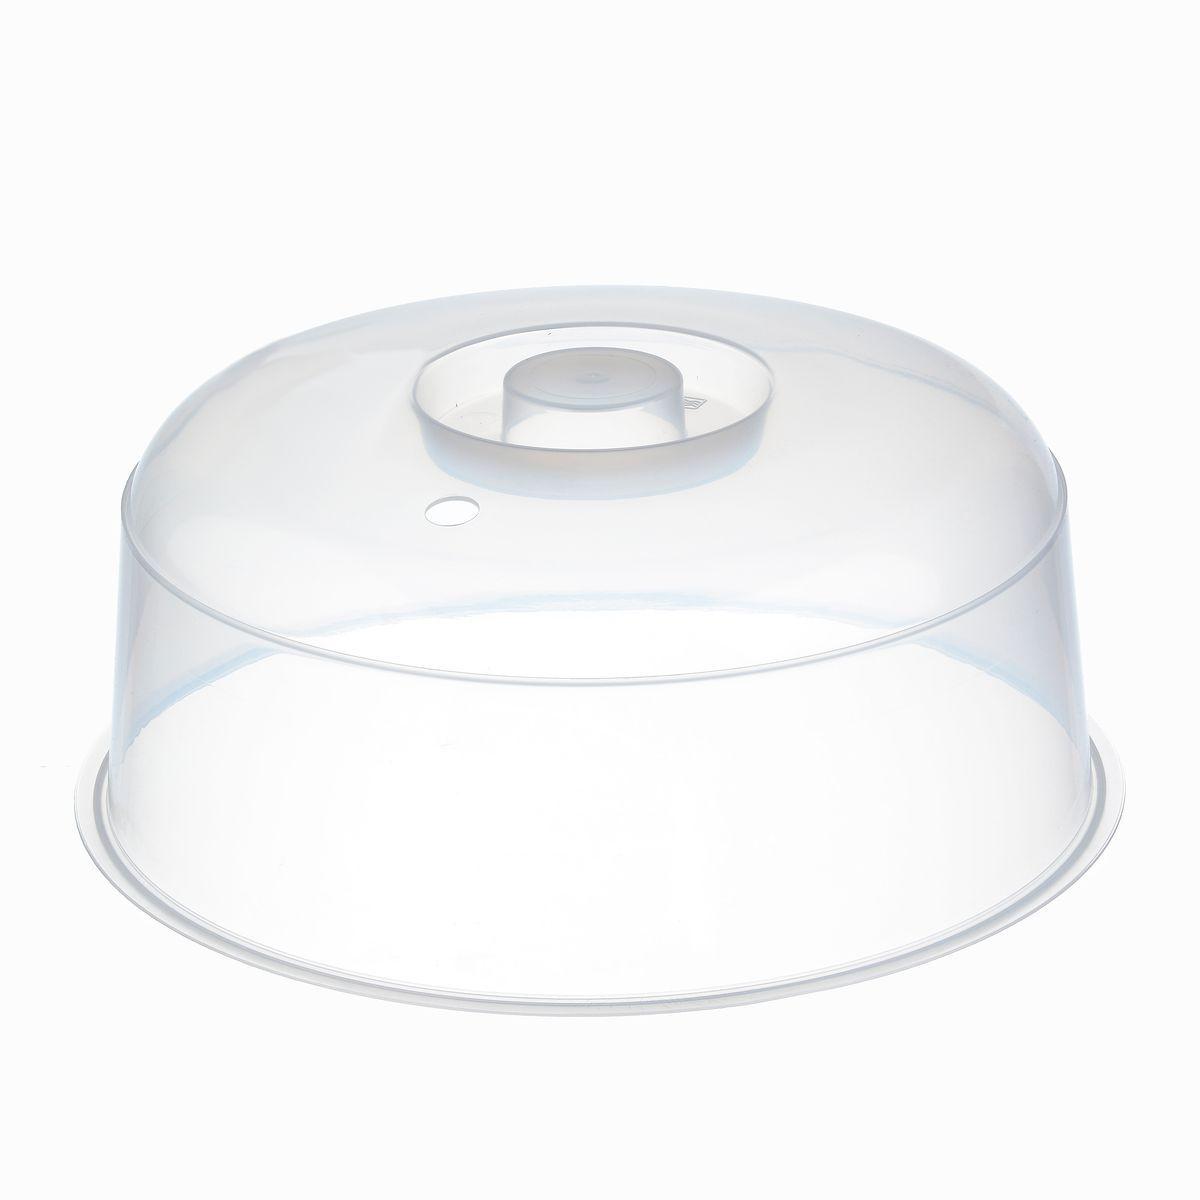 Крышка для СВЧ Idea, цвет: прозрачный, диаметр 24,5 смМ 1415